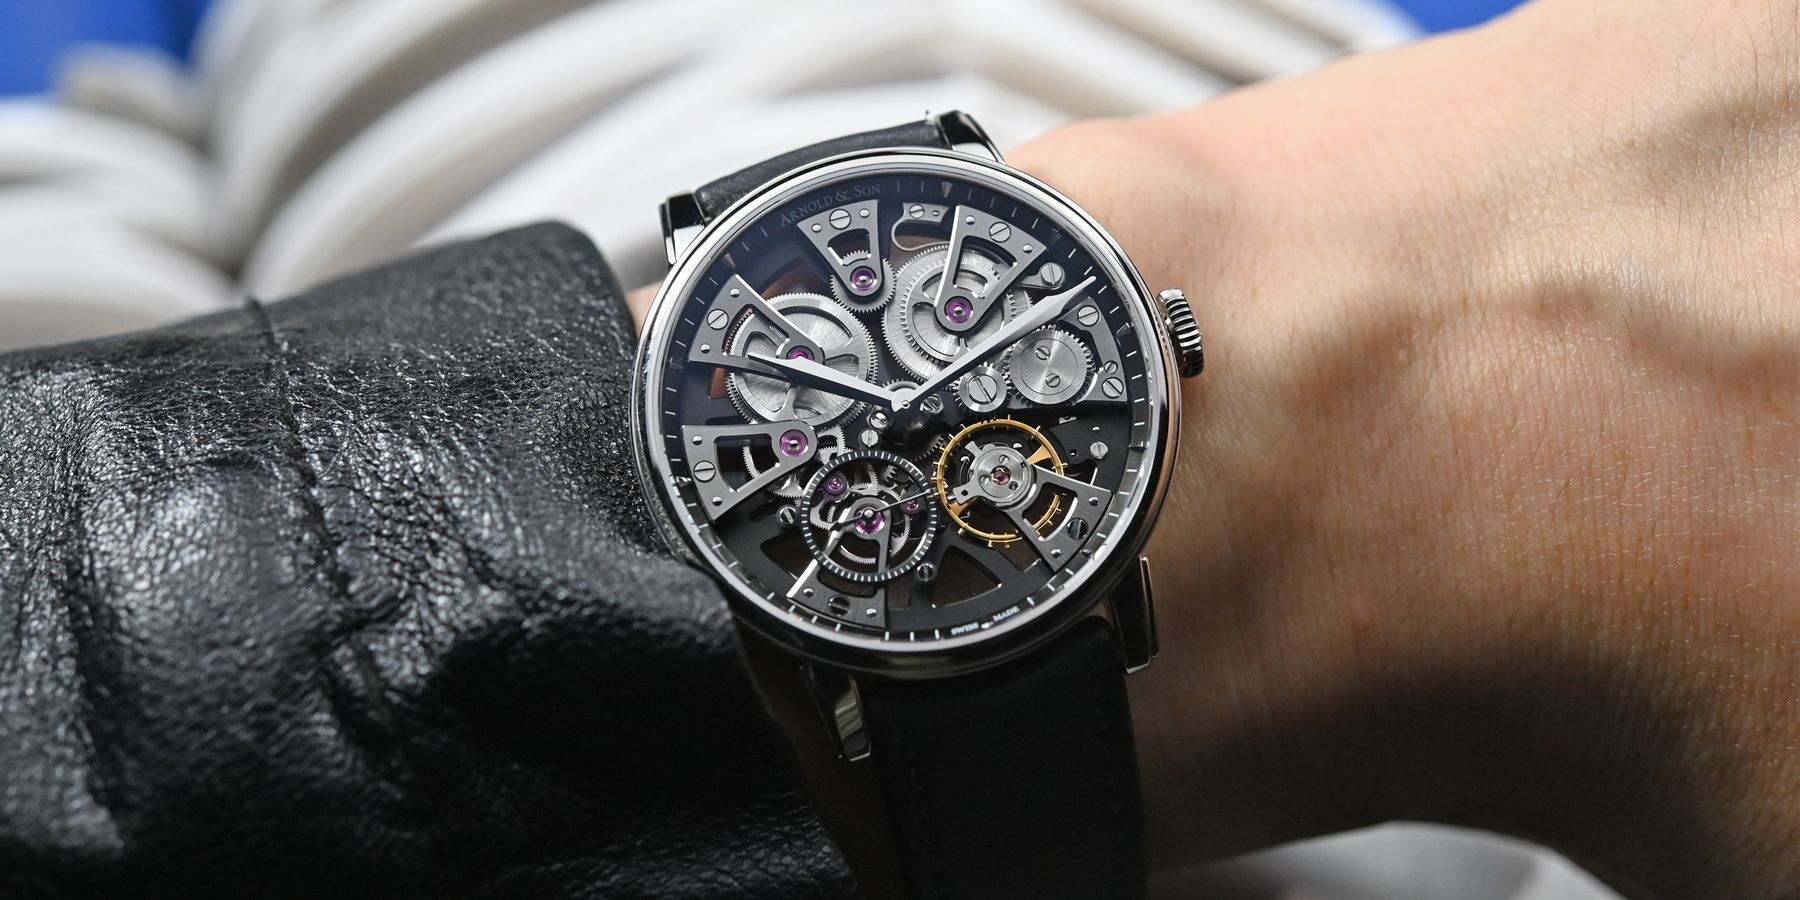 【每週一錶】恰到好處的美學:Arnold & Son Nebula 38腕錶